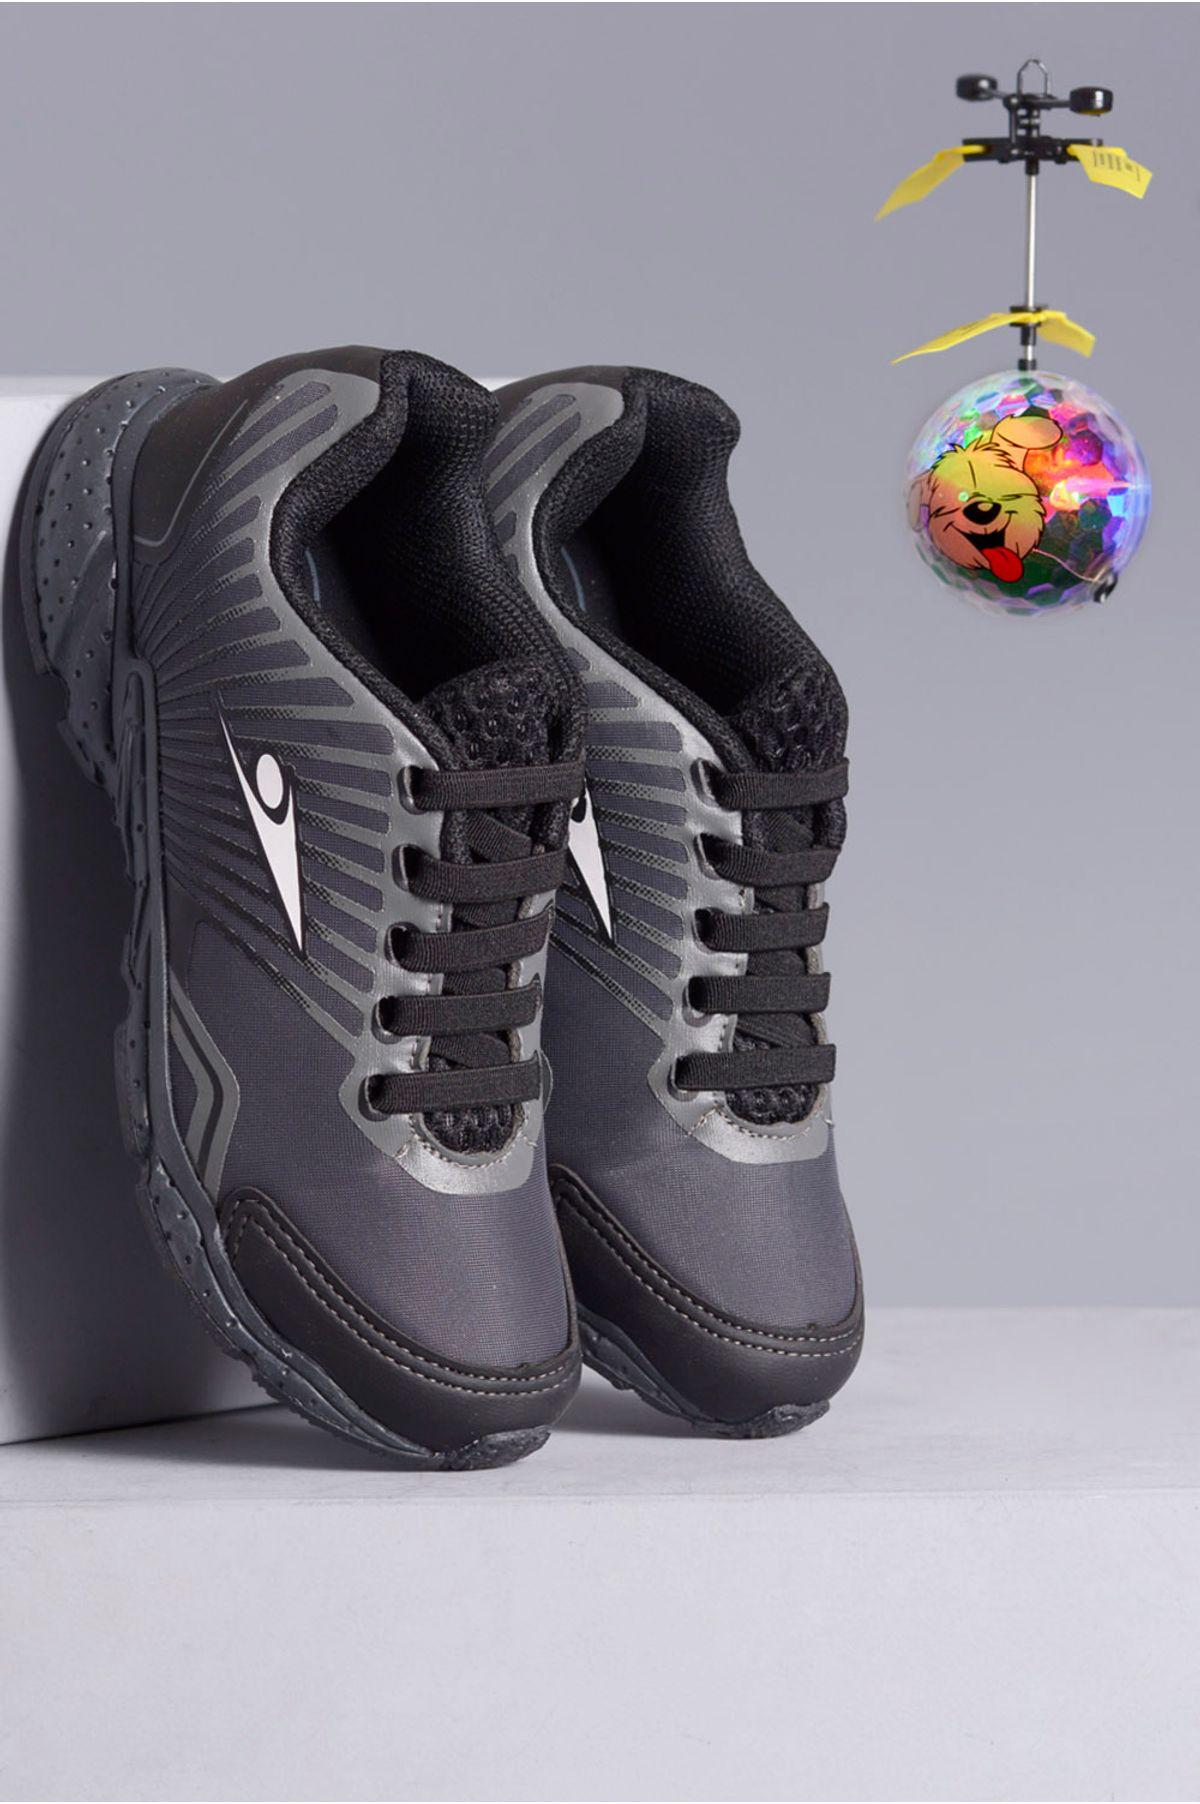 f699f62af Tênis Infantil Klin Drone Mania GRAFITE - Mundial Calçados